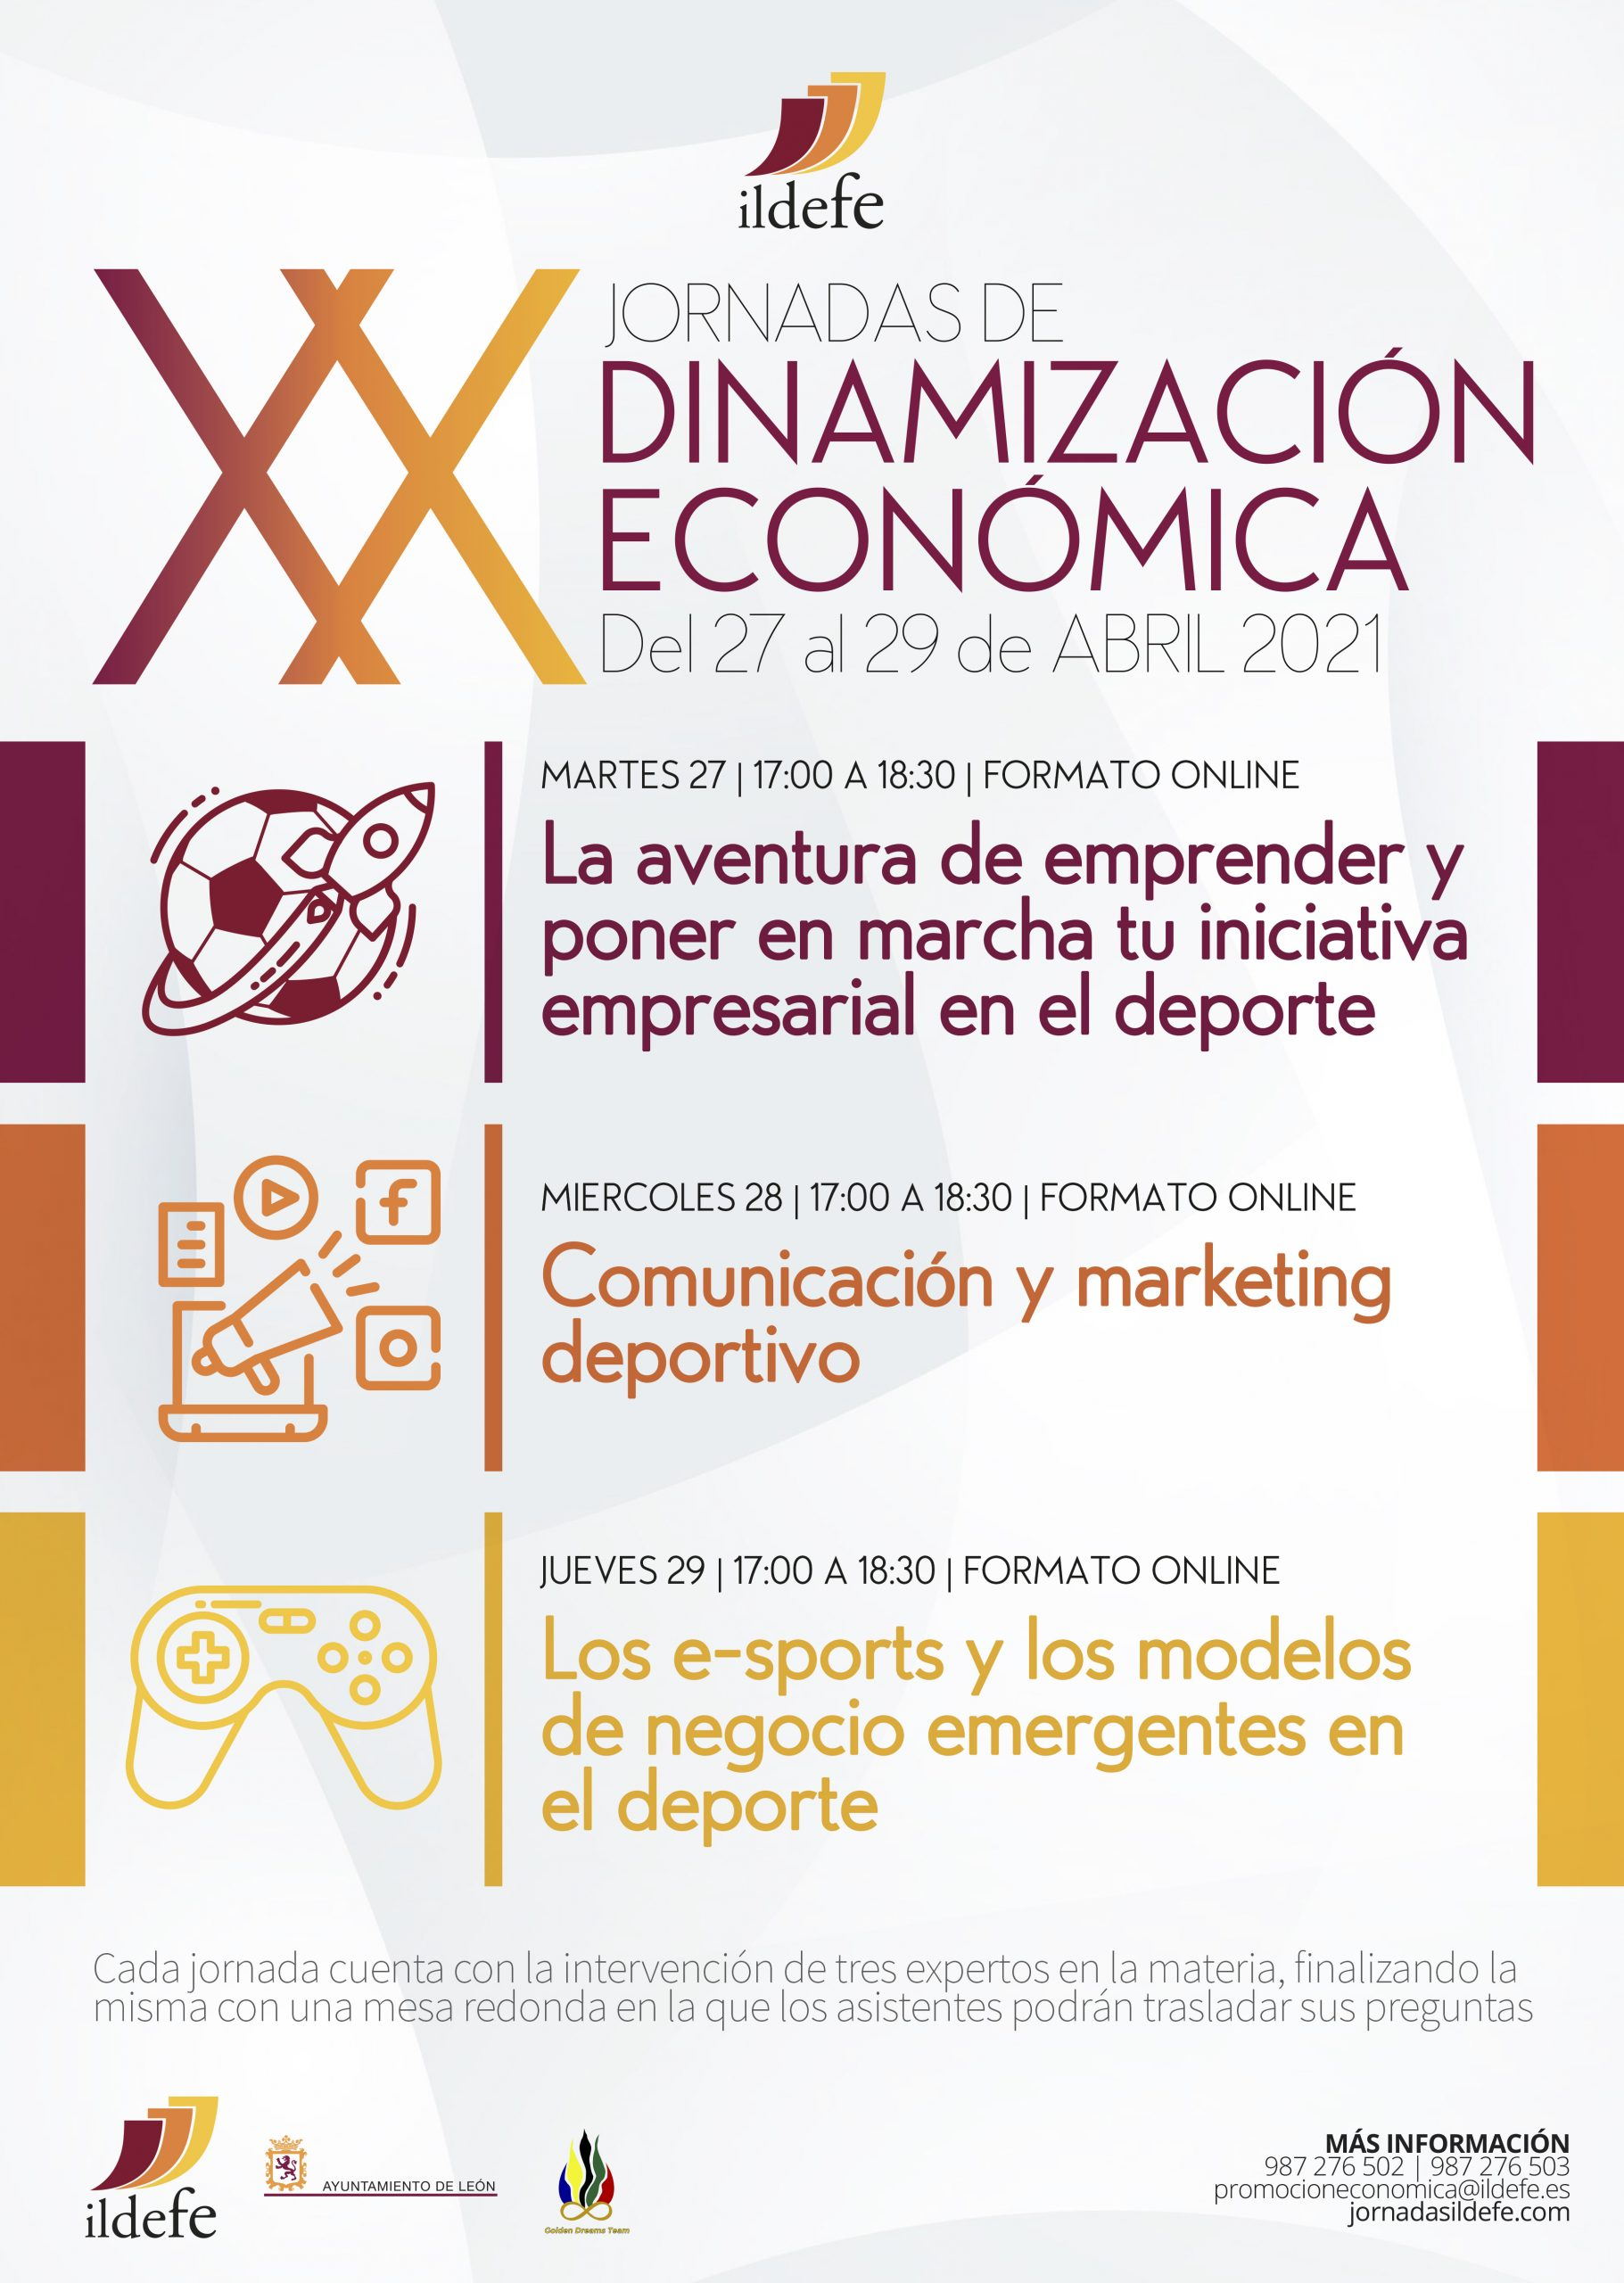 Cartel XX edición Jornadas Ildefe